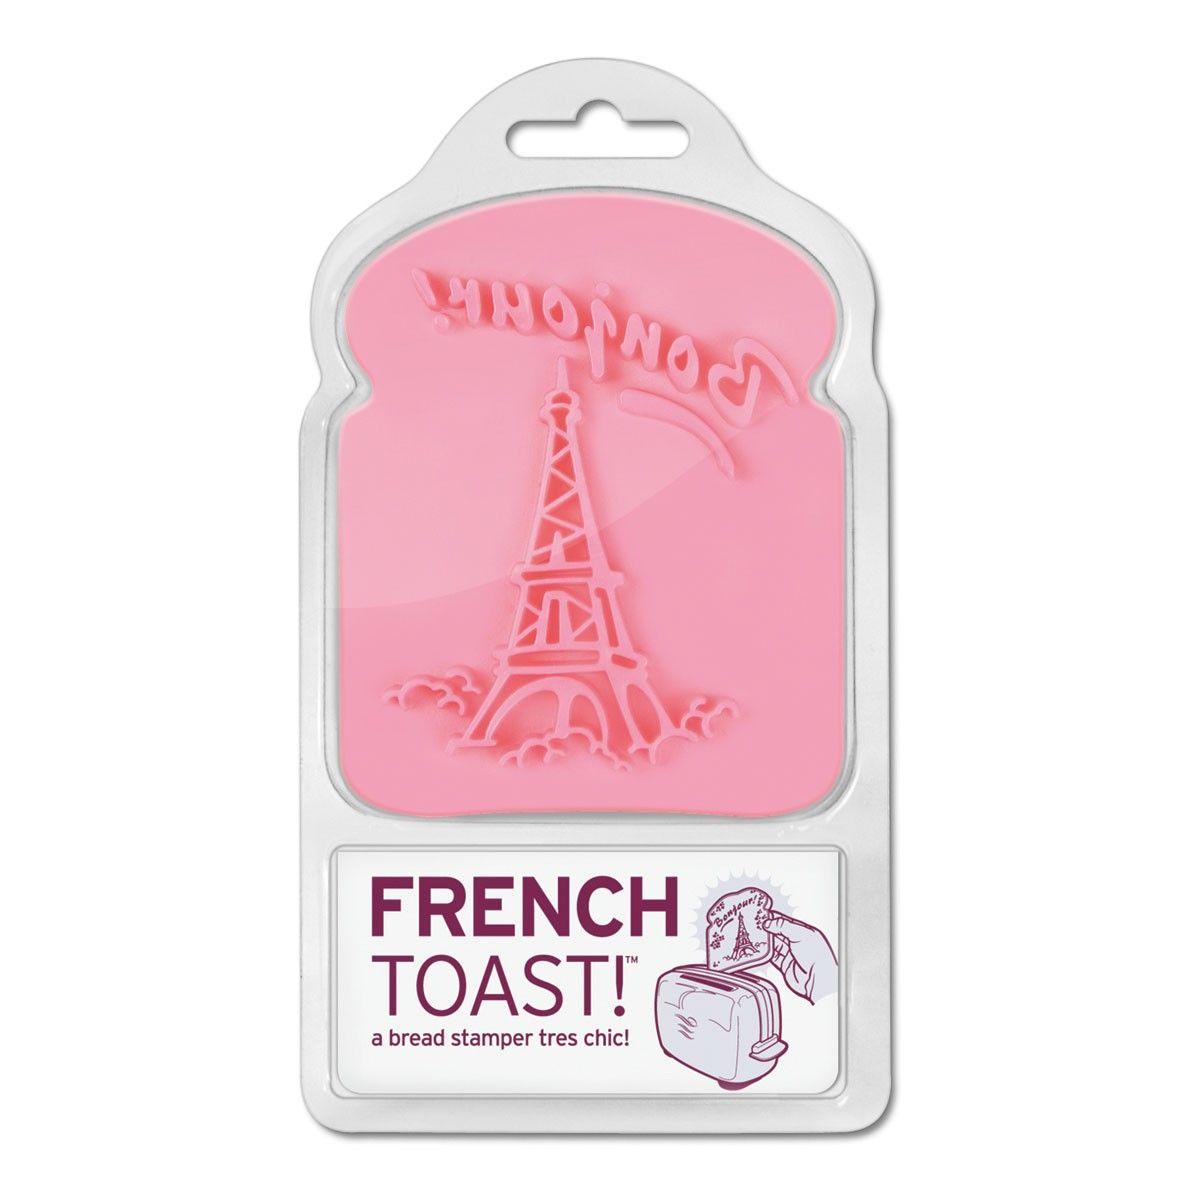 """""""French Toast"""" mal anders: Mit diesen Toast-Stempeln begrüßt einen der Eiffelturm am Frühstückstisch – eine fröhliche und ausgefallene Geschenkidee!"""